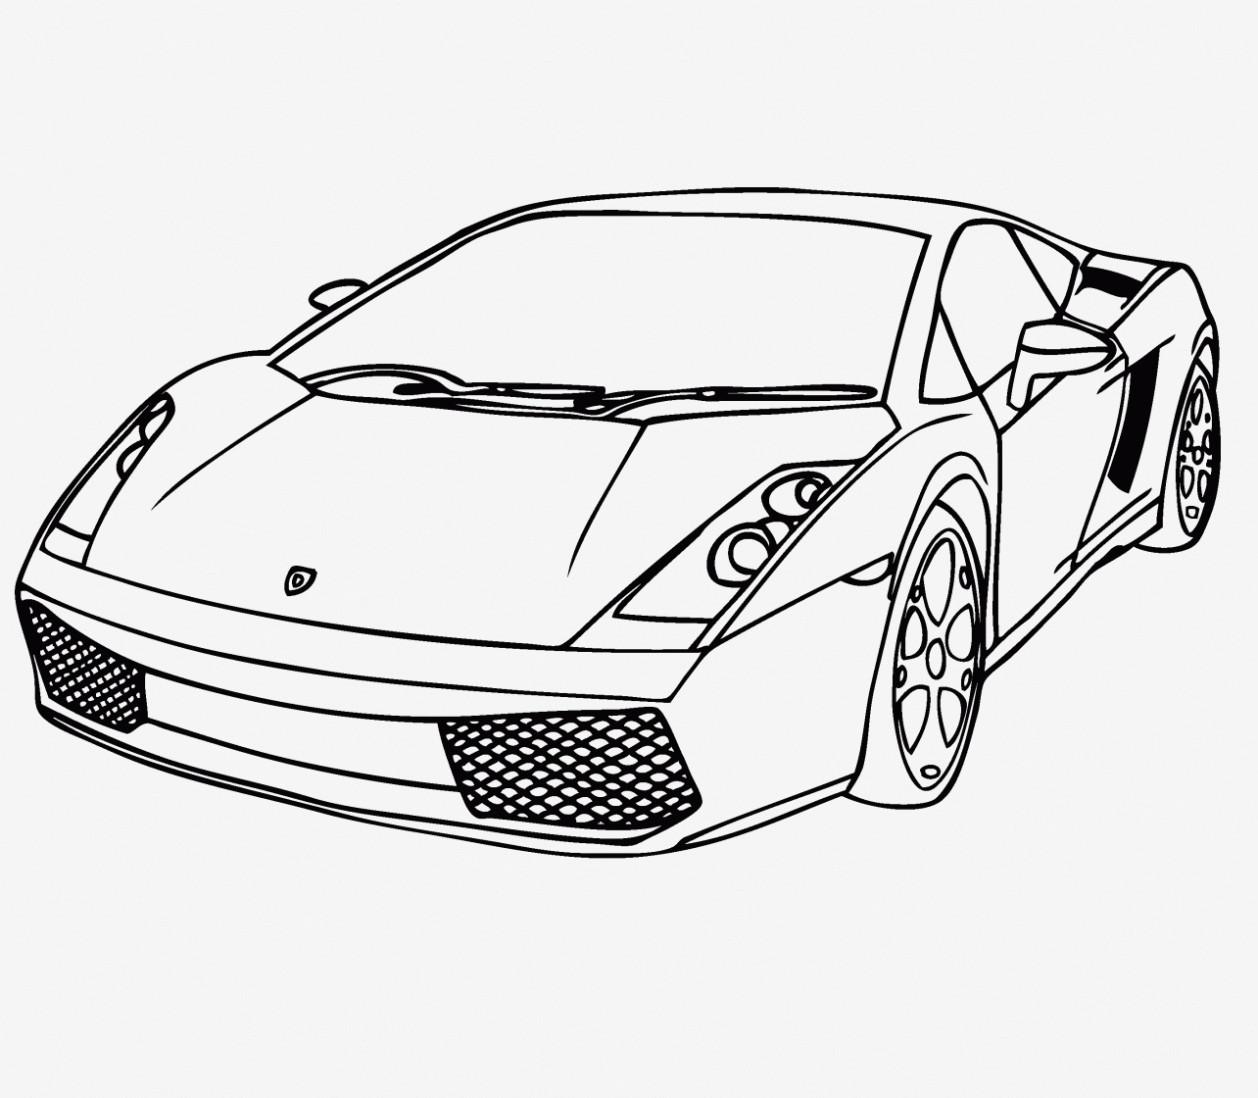 Auto Malvorlage Einfach Das Beste Von 33 Elegant Malvorlage Auto Einfach – Malvorlagen Ideen Stock